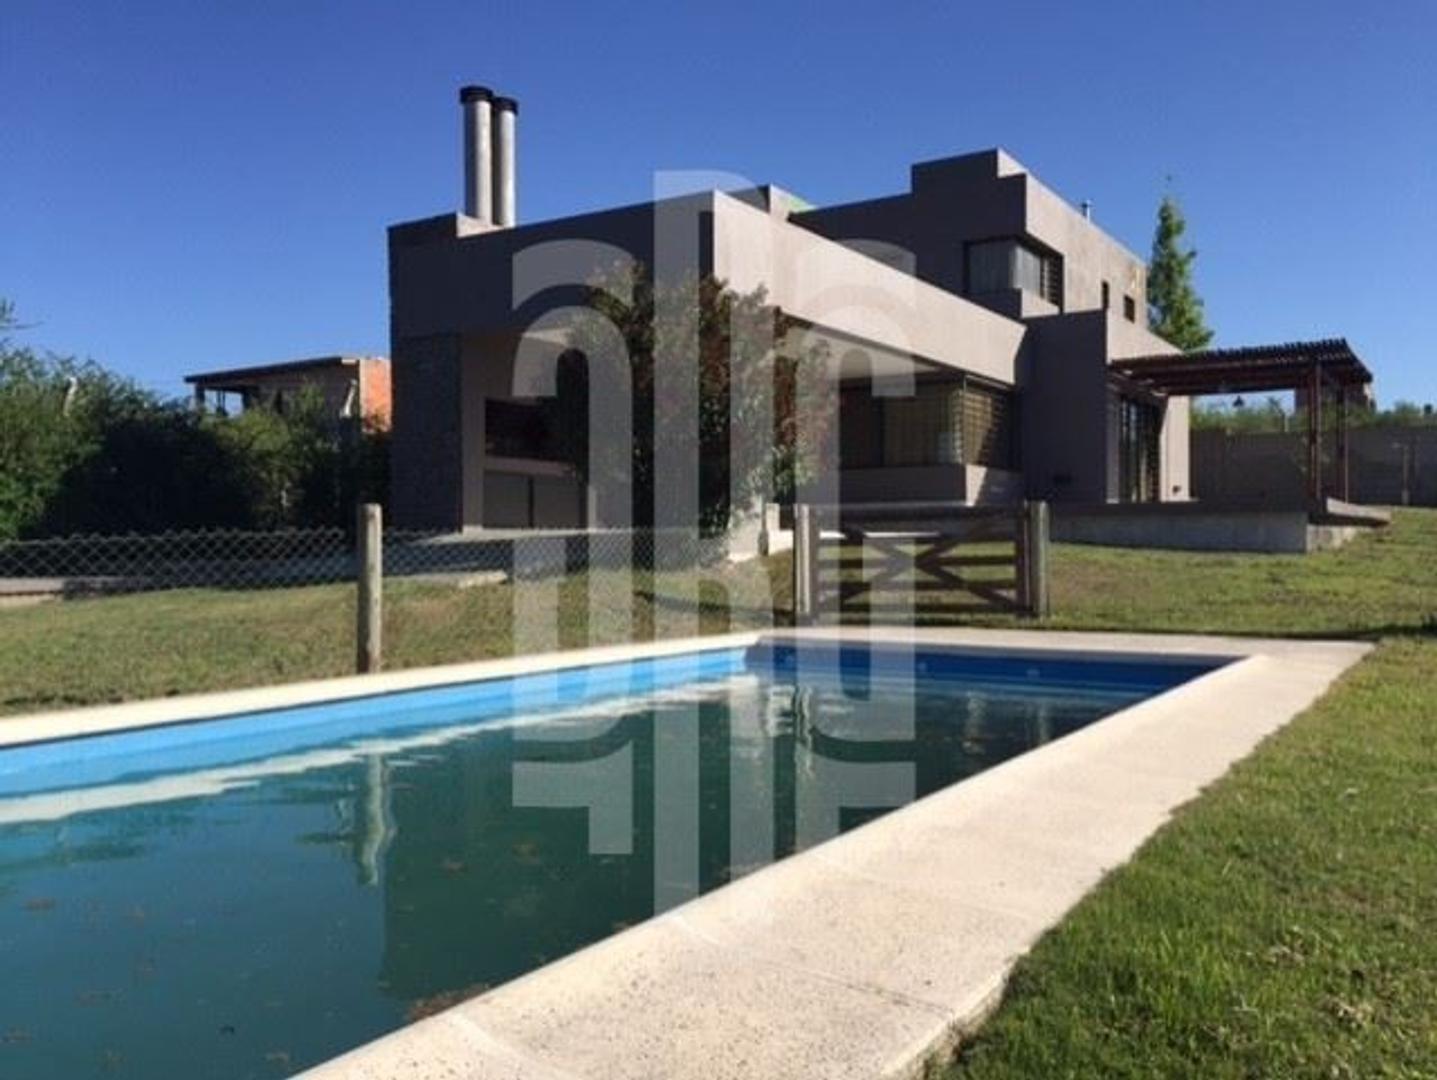 Casa nueva en Alta Gracia, con excelente vista a las Sierras de Cordoba!